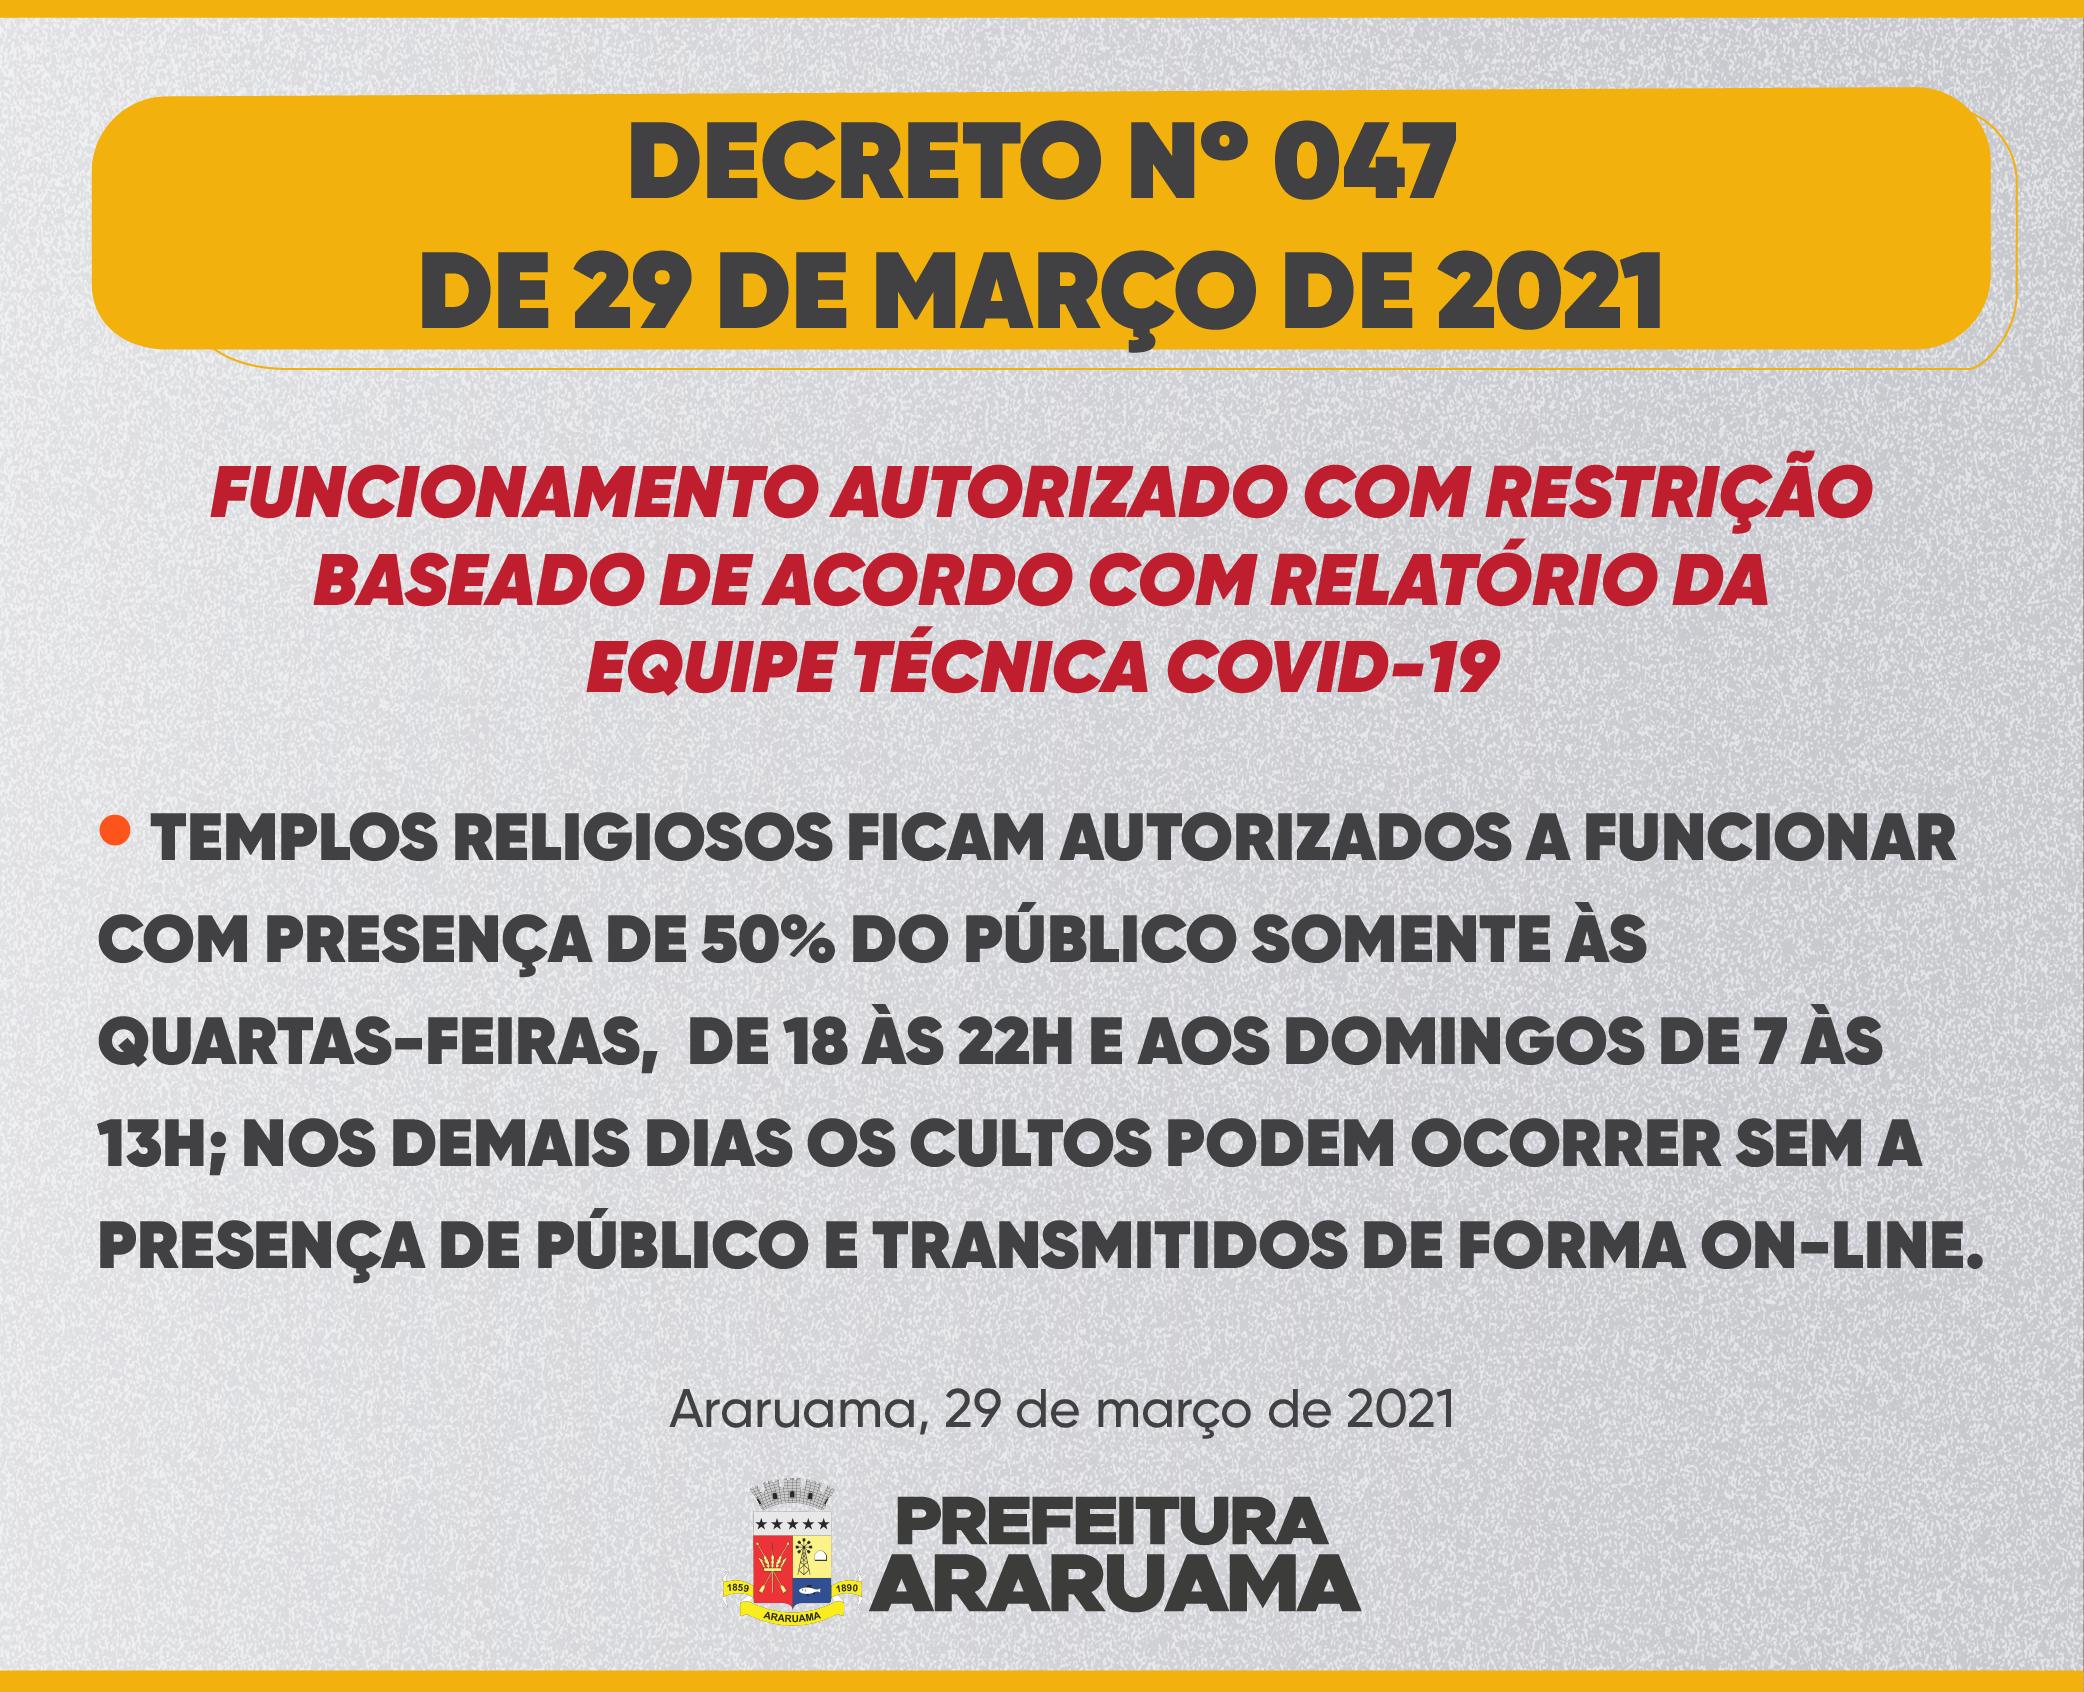 Decreto nº 47 de 29 de março de 2021